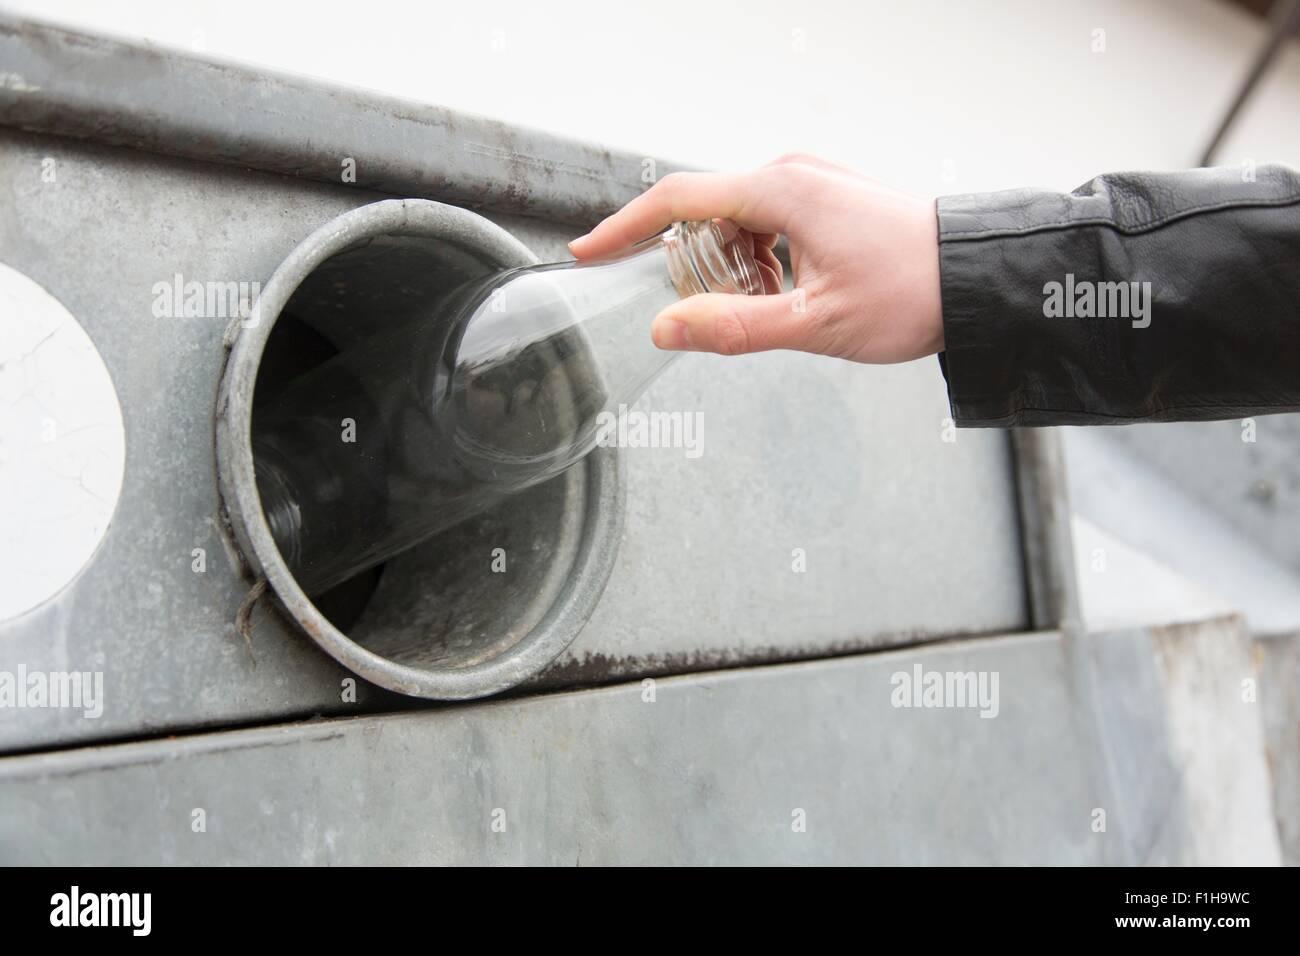 Persona il riciclaggio bottiglia di latte in bottiglia bank Immagini Stock